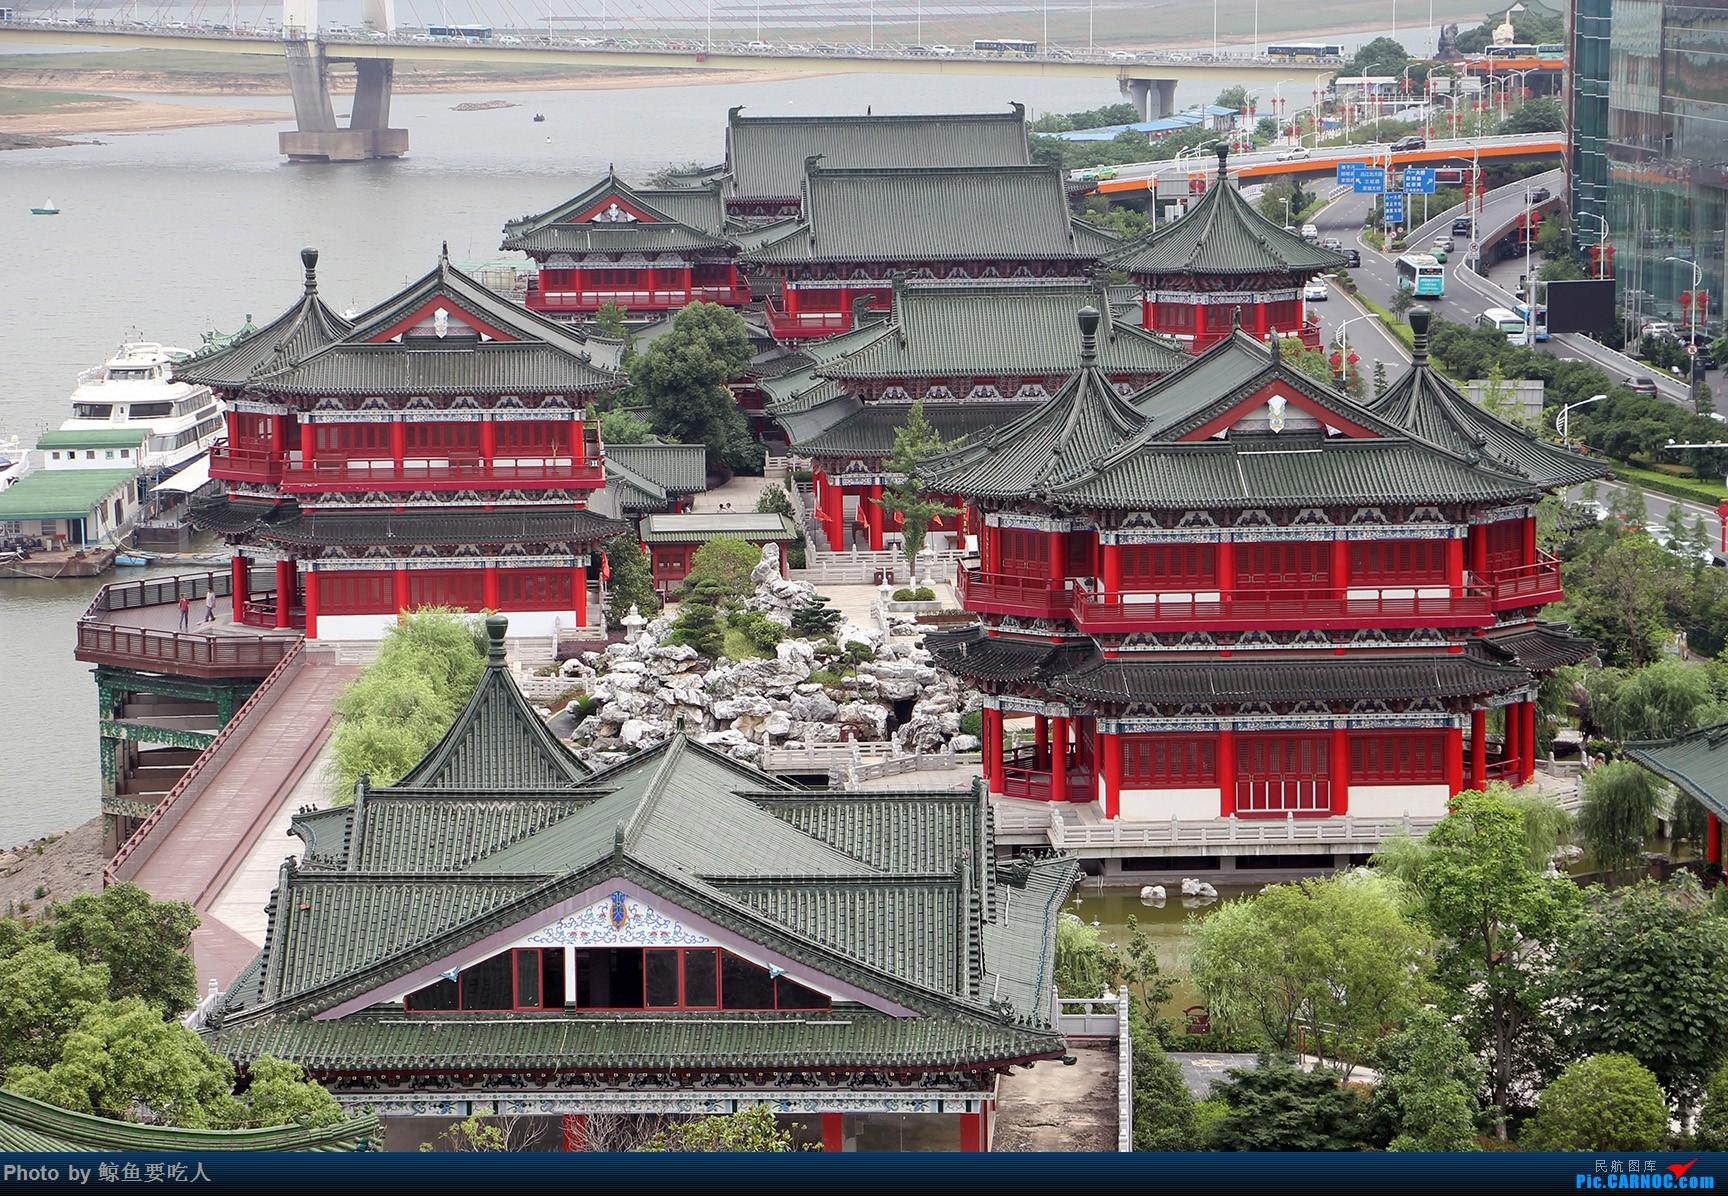 Re:[原创]PVG — KHN — NKG 上海浦东—南昌—南京 走马观花的周末游 在暴雨后的上海浦东 疯狂拍机